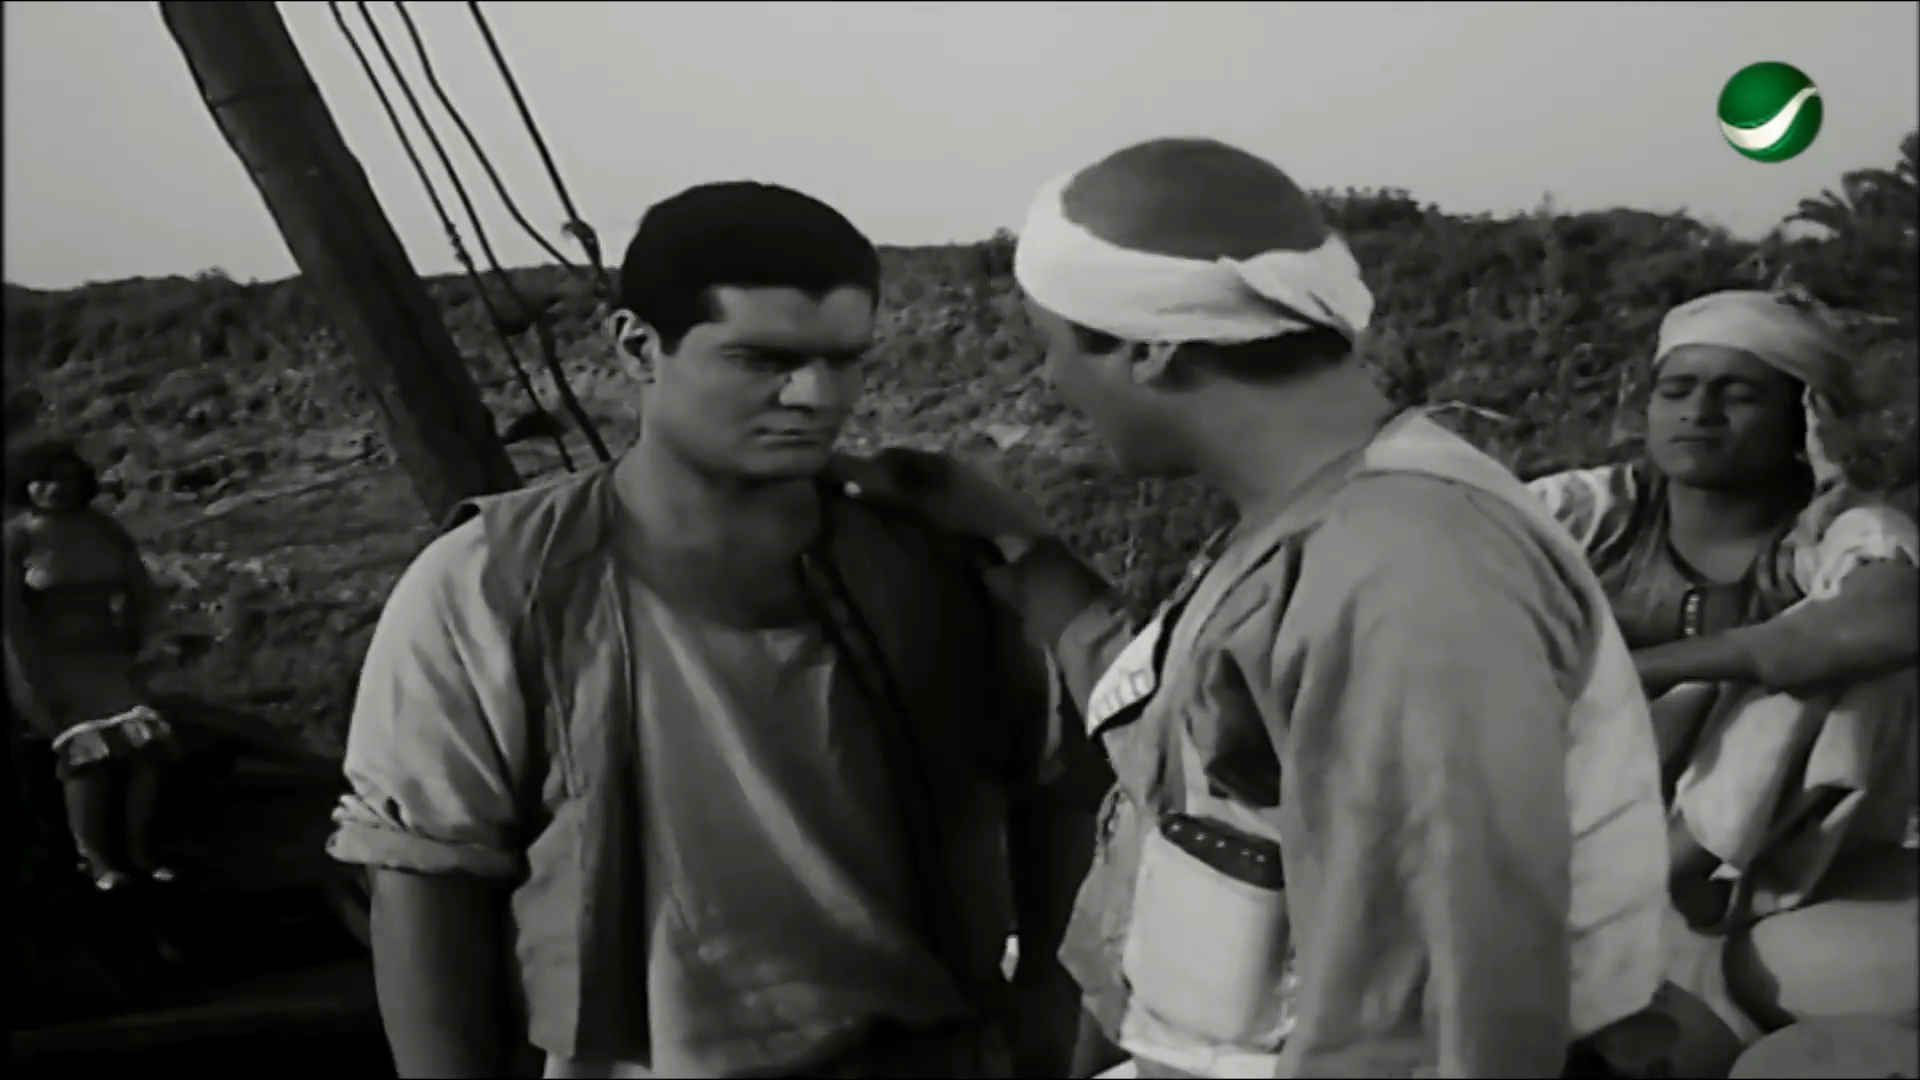 [فيلم][تورنت][تحميل][صراع في النيل][1959][1080p][Web-DL] 9 arabp2p.com